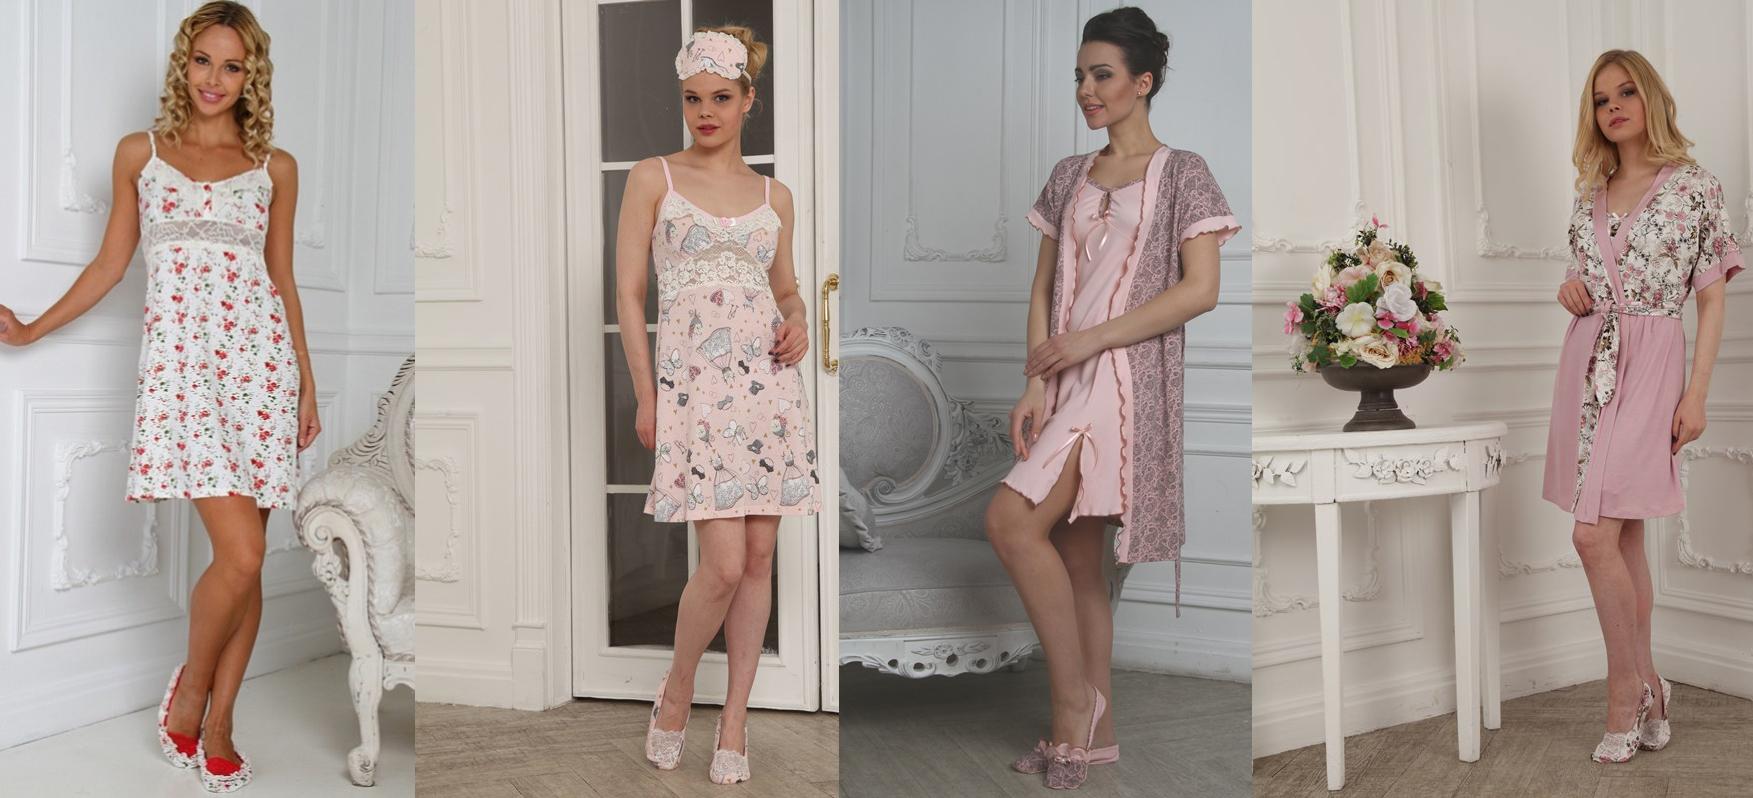 Вискоза, Хлопок, Кружево. Домашняя одежда высокого качества. Роскошь и изящество от SiS, Alfa и Орхидея. Есть большие размеры!